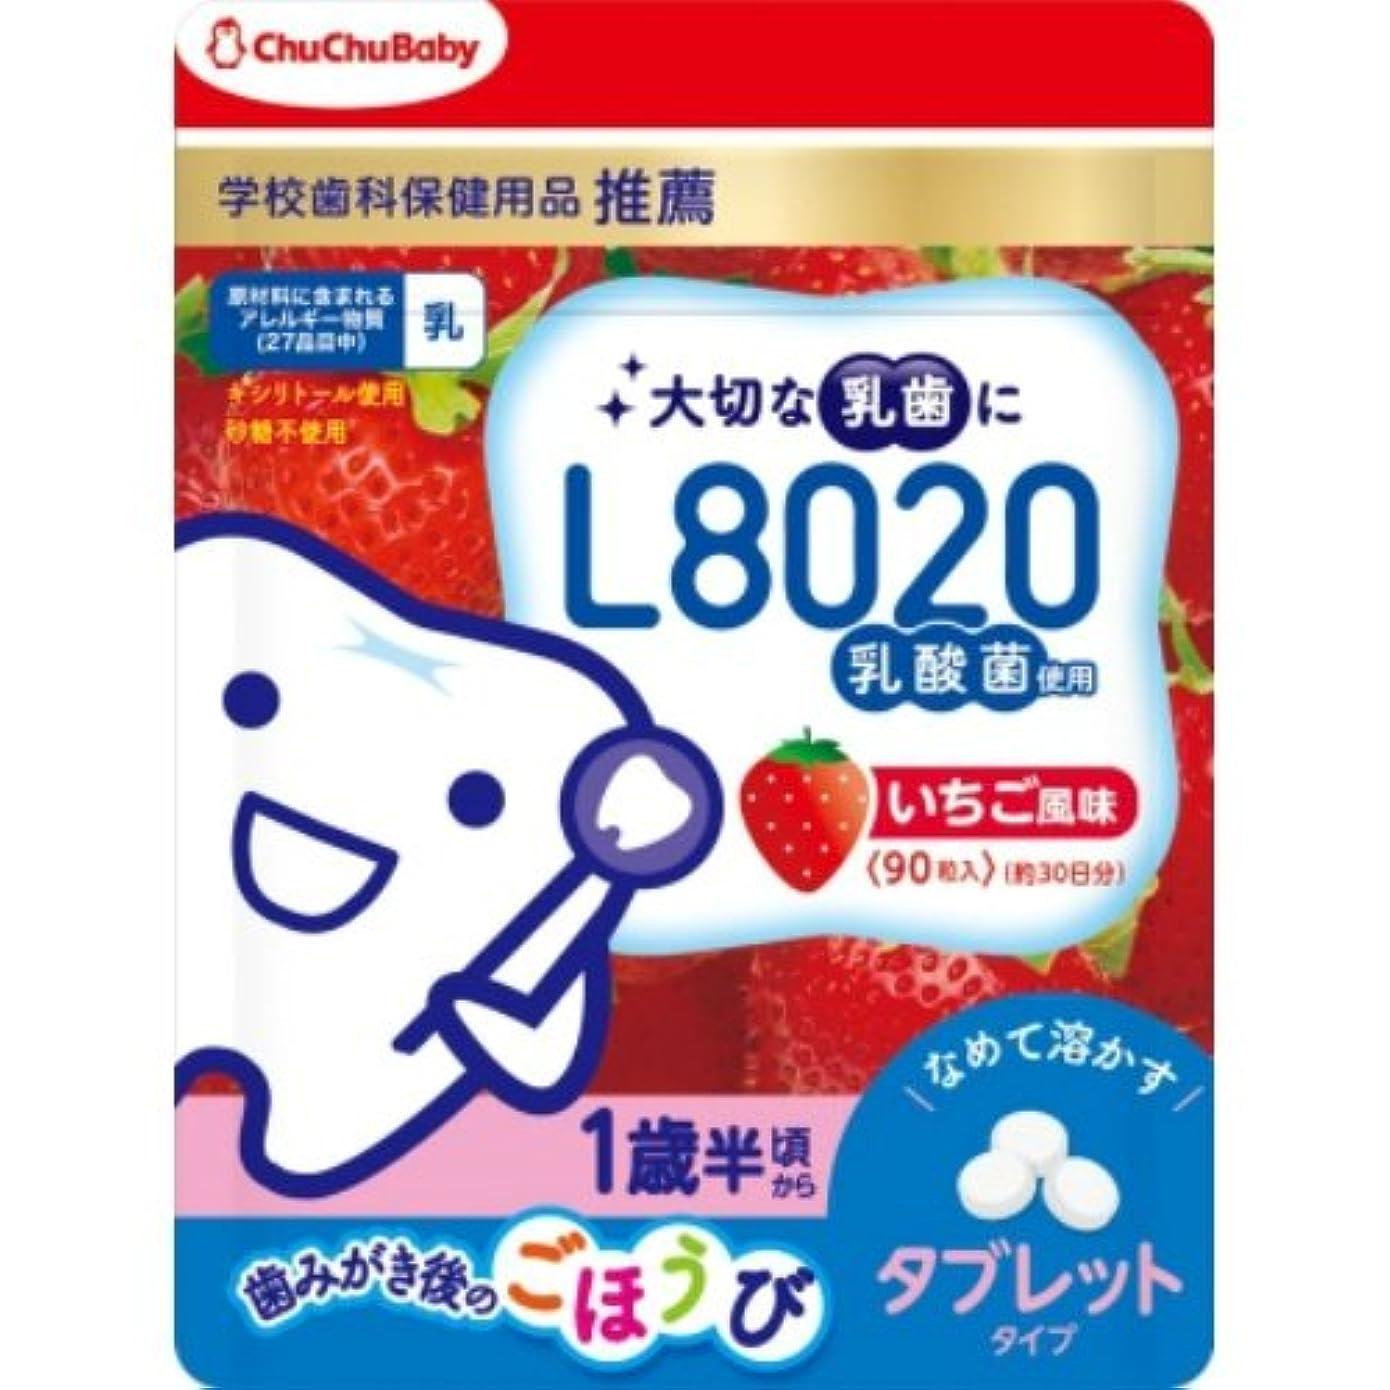 ではごきげんよう幅フィッティングL8020乳酸菌チュチュベビータブレットいちご風味 × 5個セット